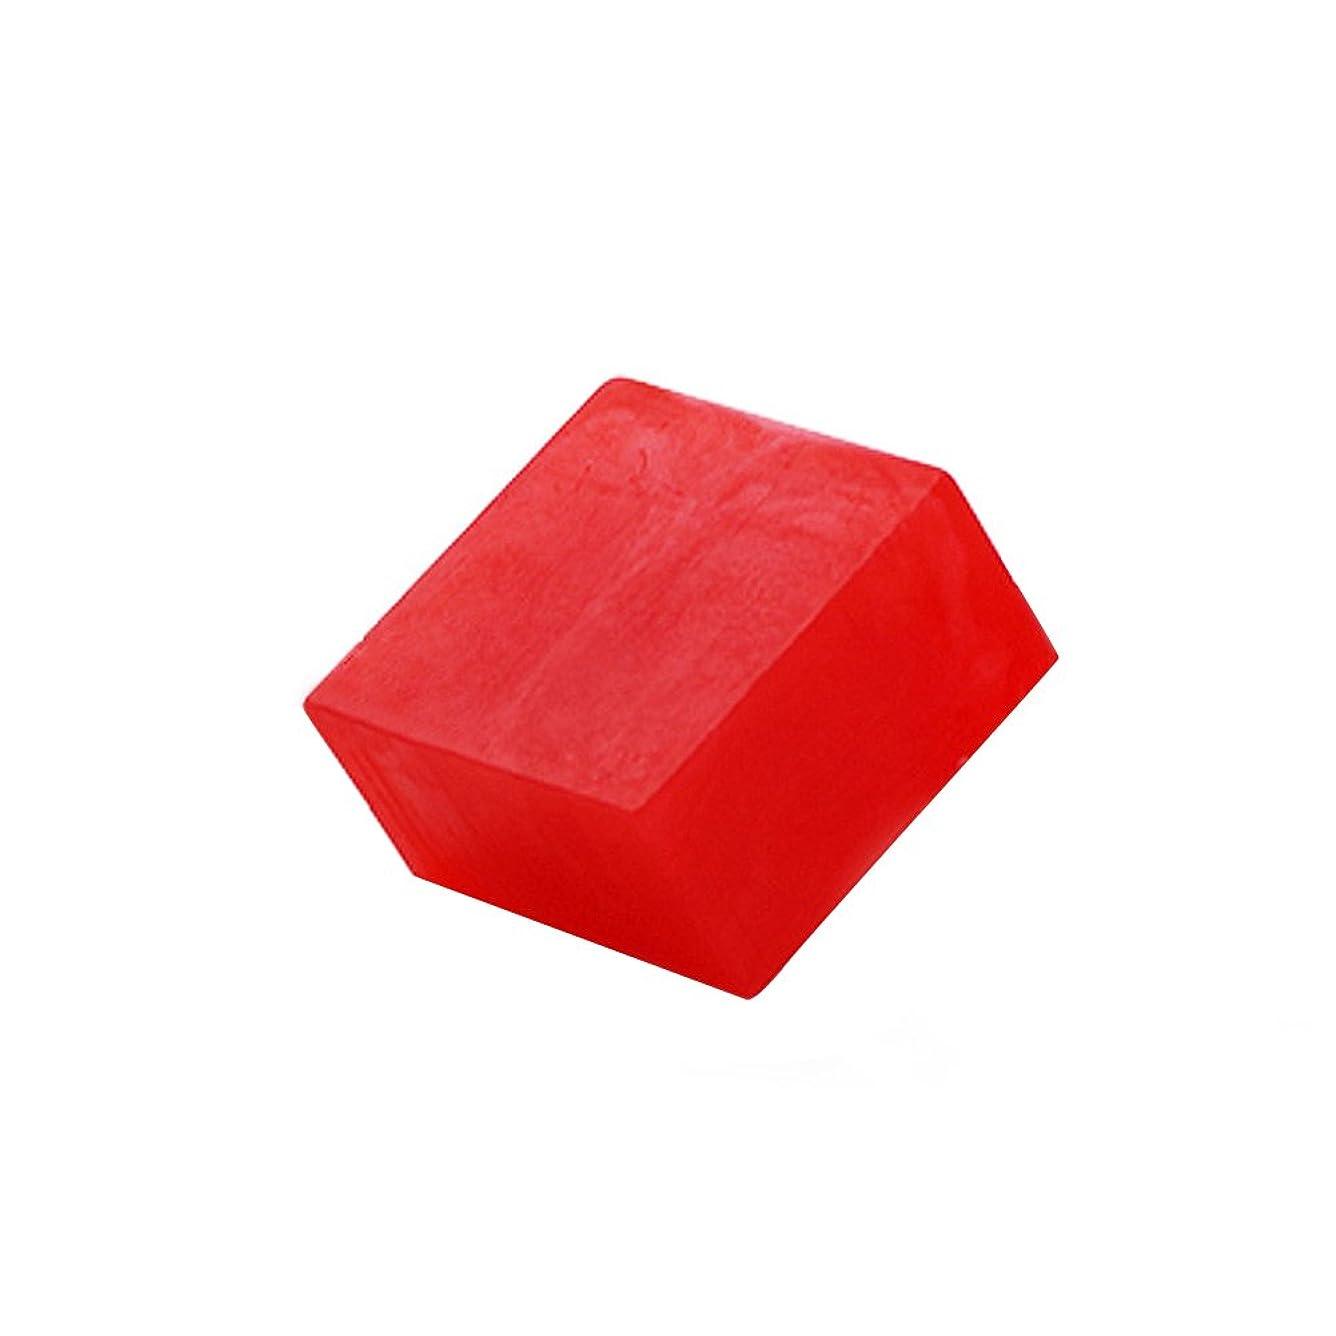 袋現実的必要条件Liebeye フェイス 入浴 ソープ エッセンシャル オイルソープ 補充水 オイルコントロール クリーン バラ